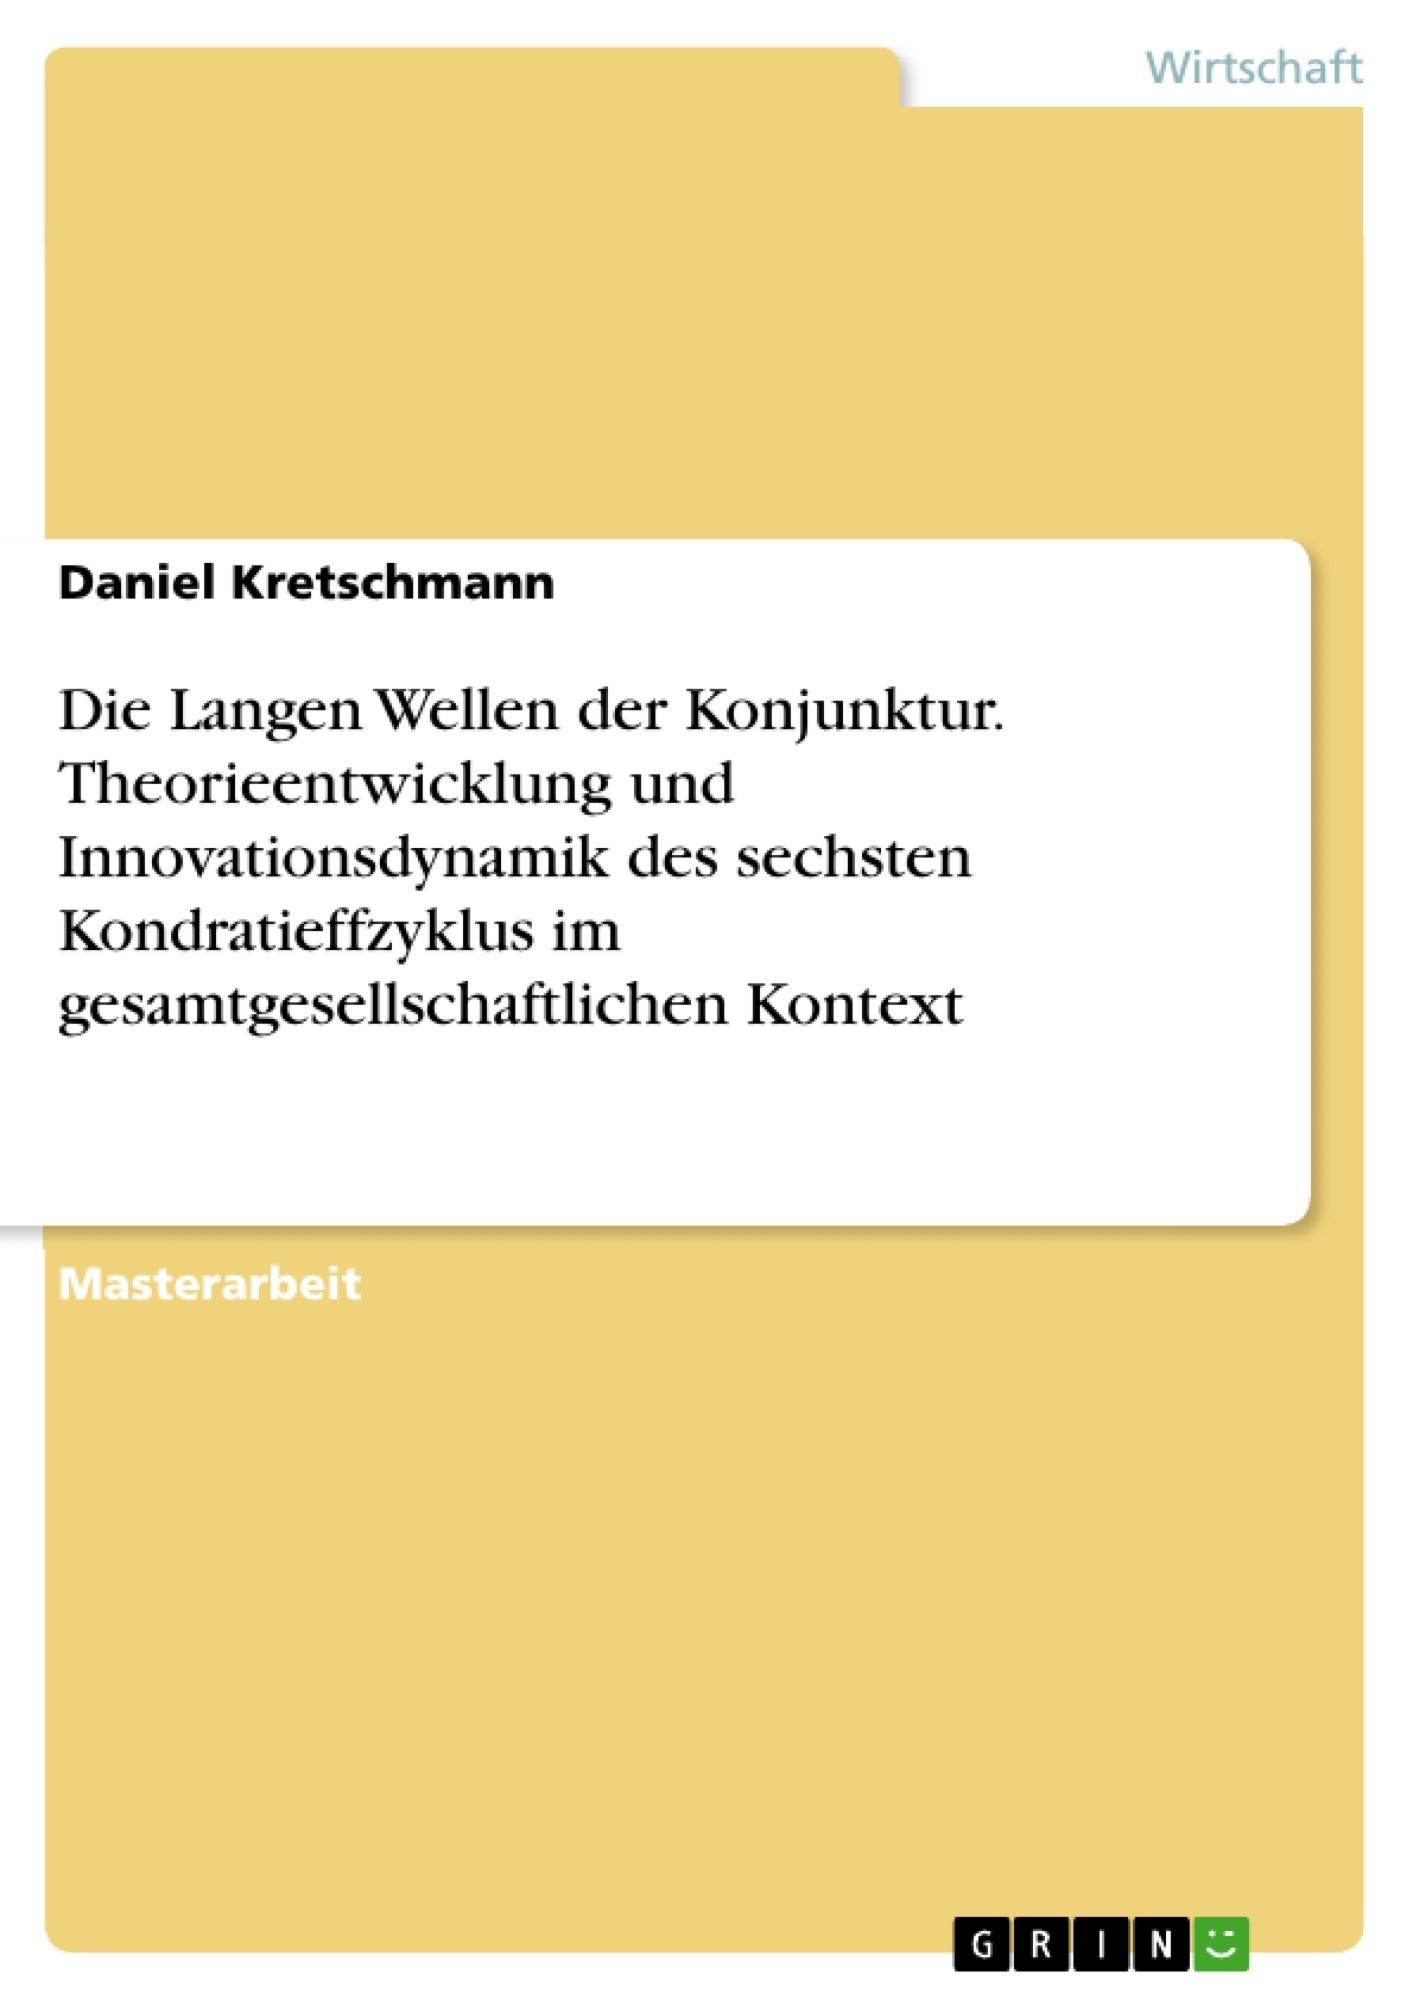 Titel: Die Langen Wellen der Konjunktur. Theorieentwicklung und Innovationsdynamik des sechsten Kondratieffzyklus im gesamtgesellschaftlichen Kontext